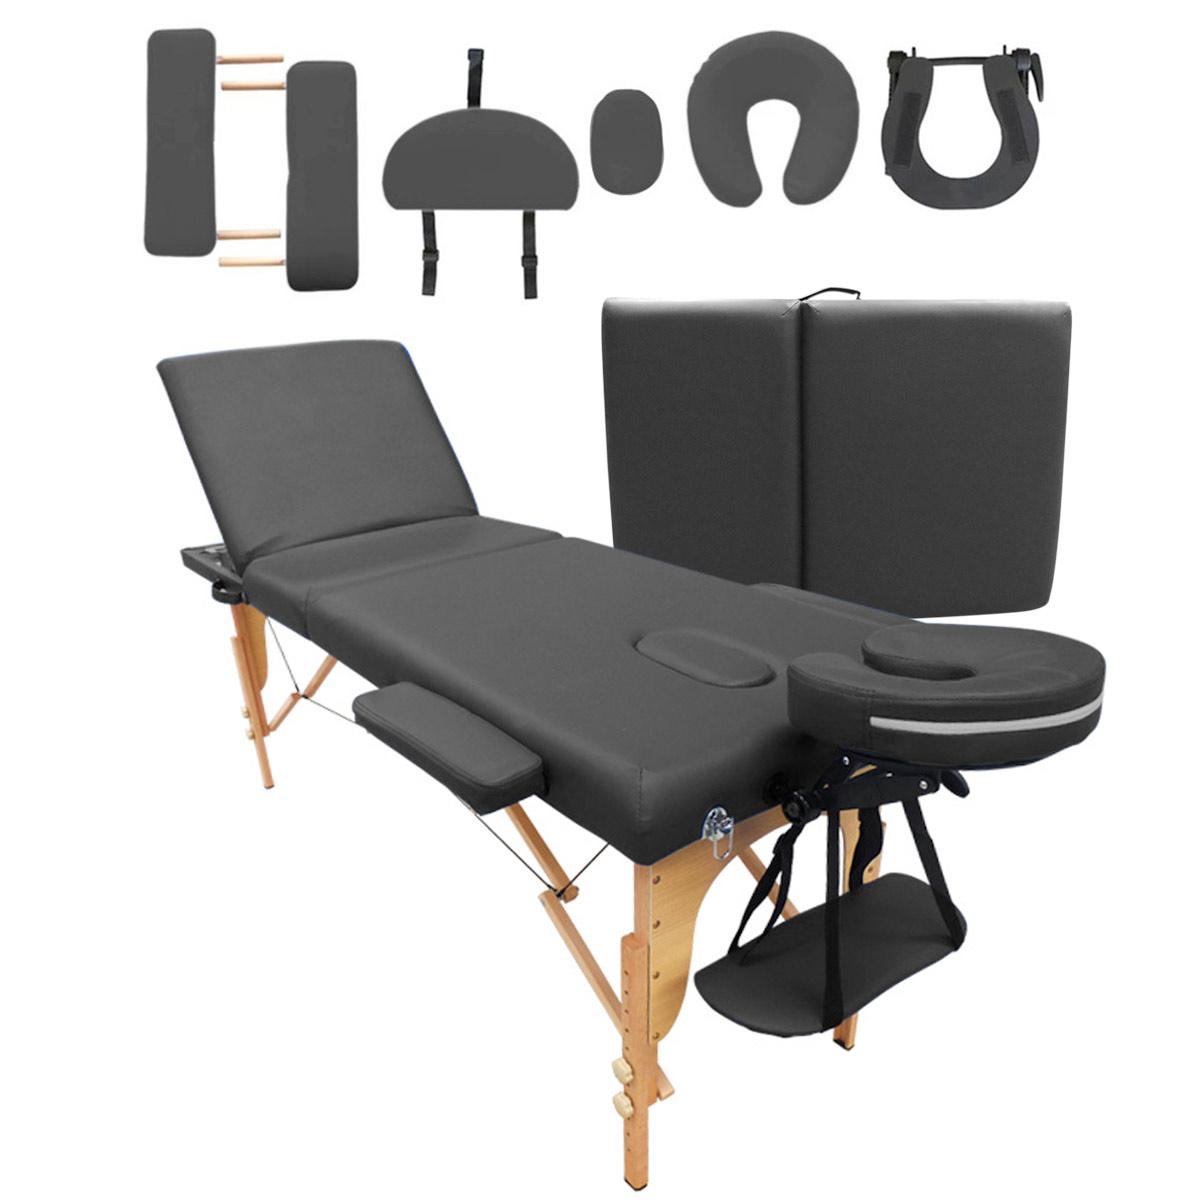 Cama Masaje Plegable 3 Secciones + Bolsa Spa Terapia Tatuaje